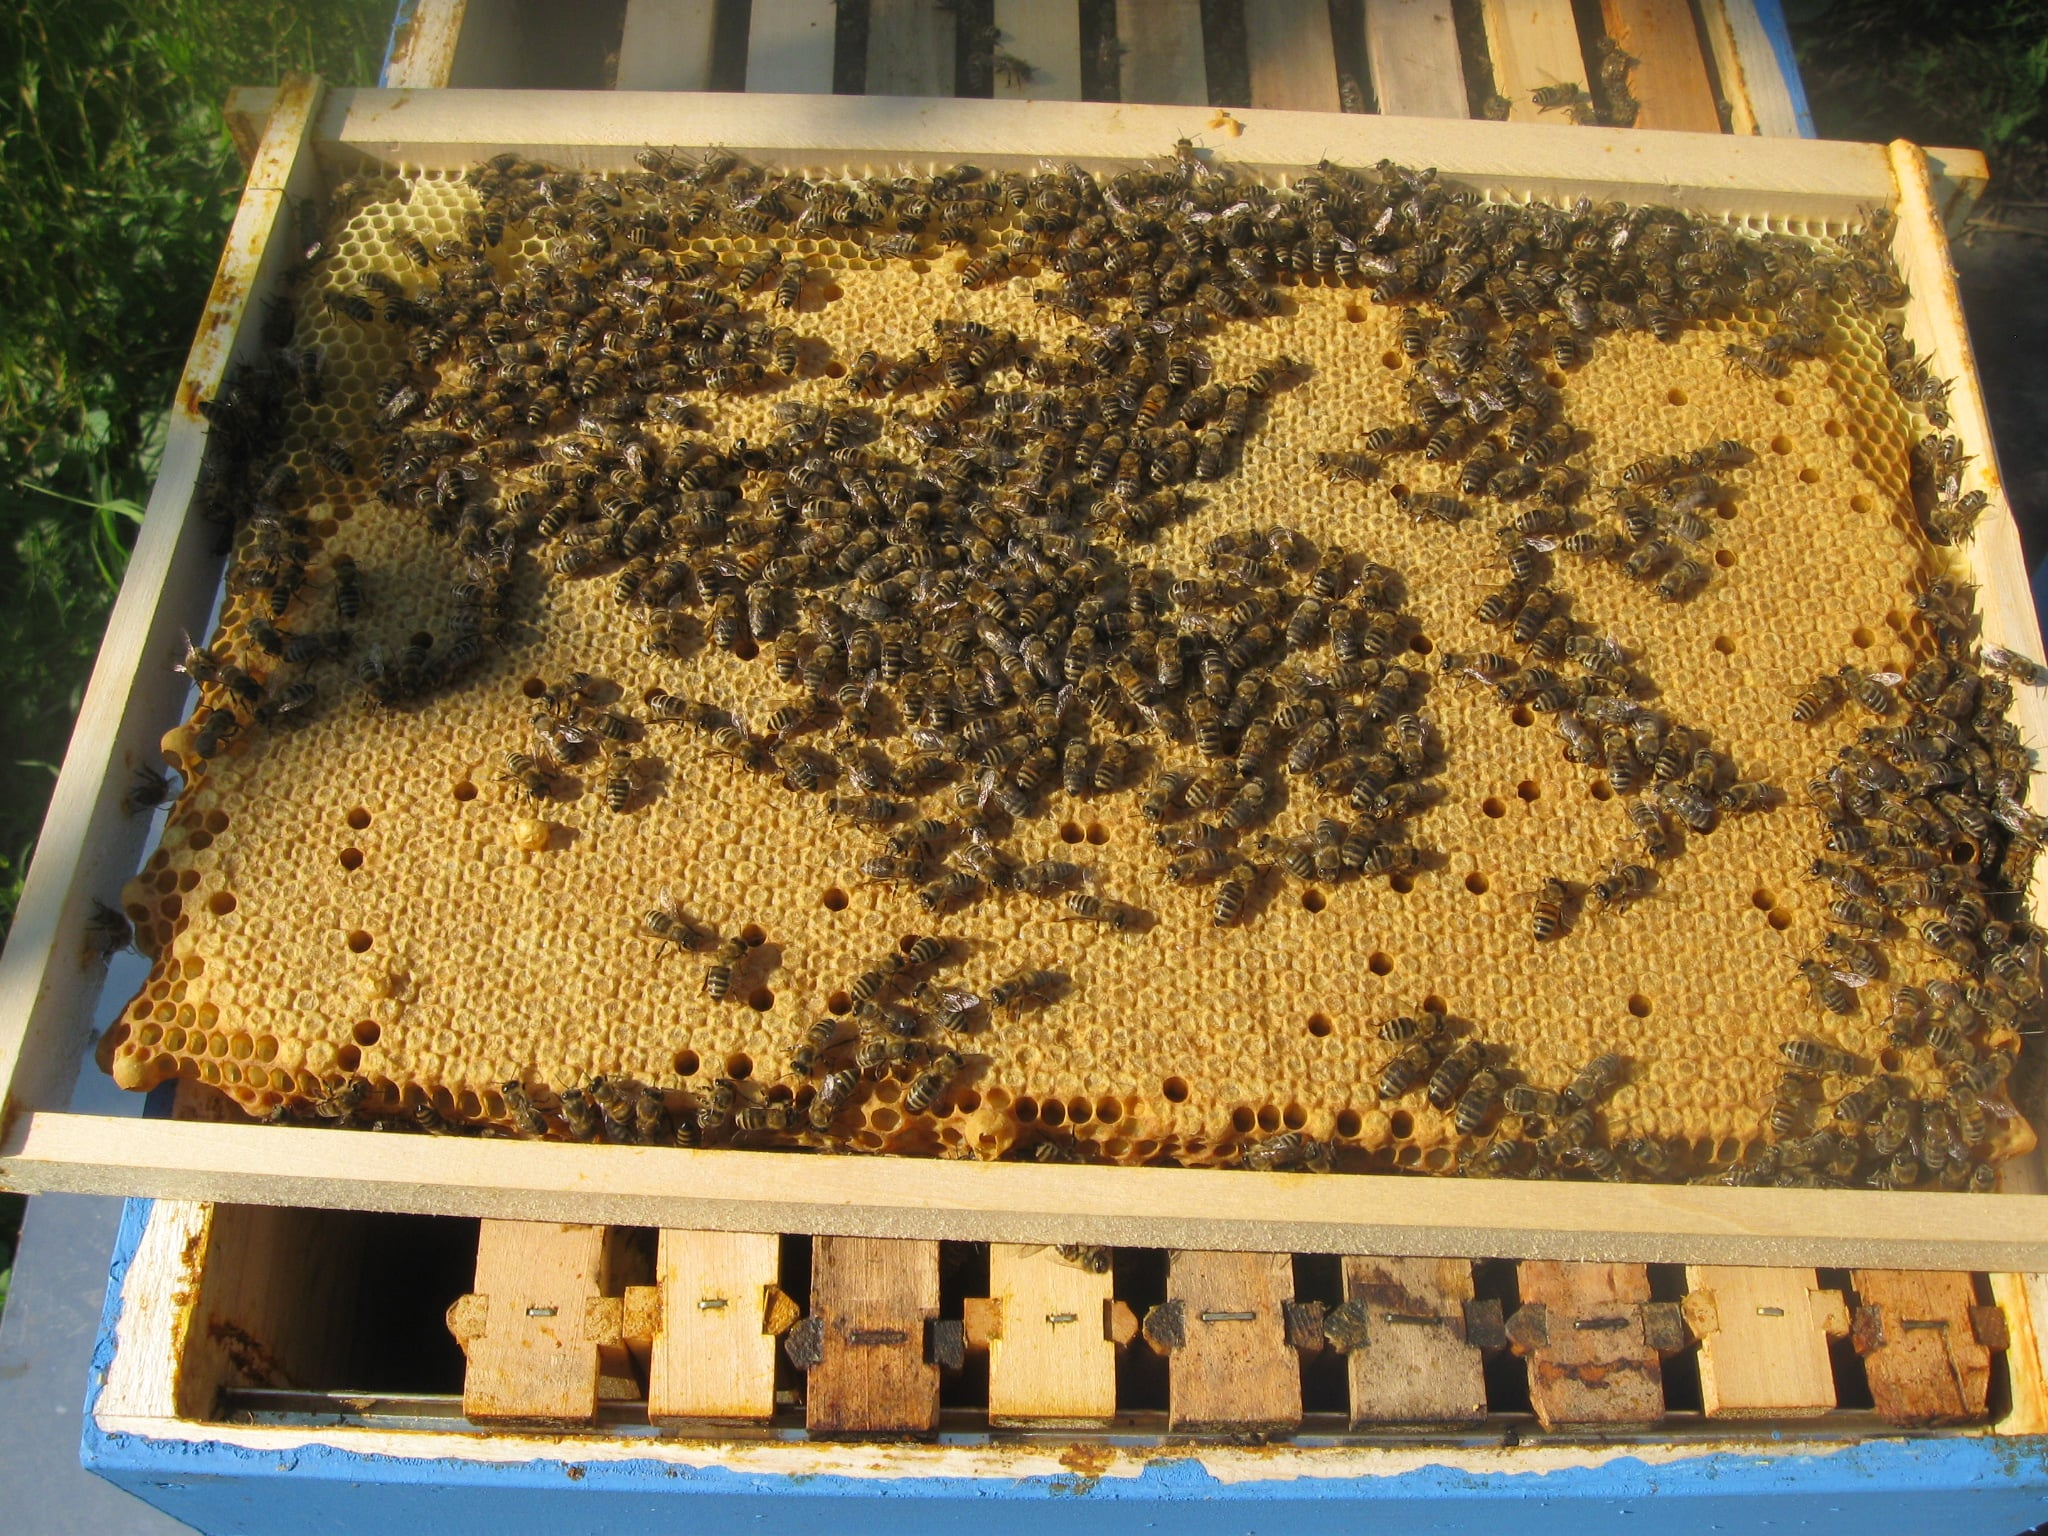 Ilustracija: pčelinajk, foto: Slobodan Jevtić